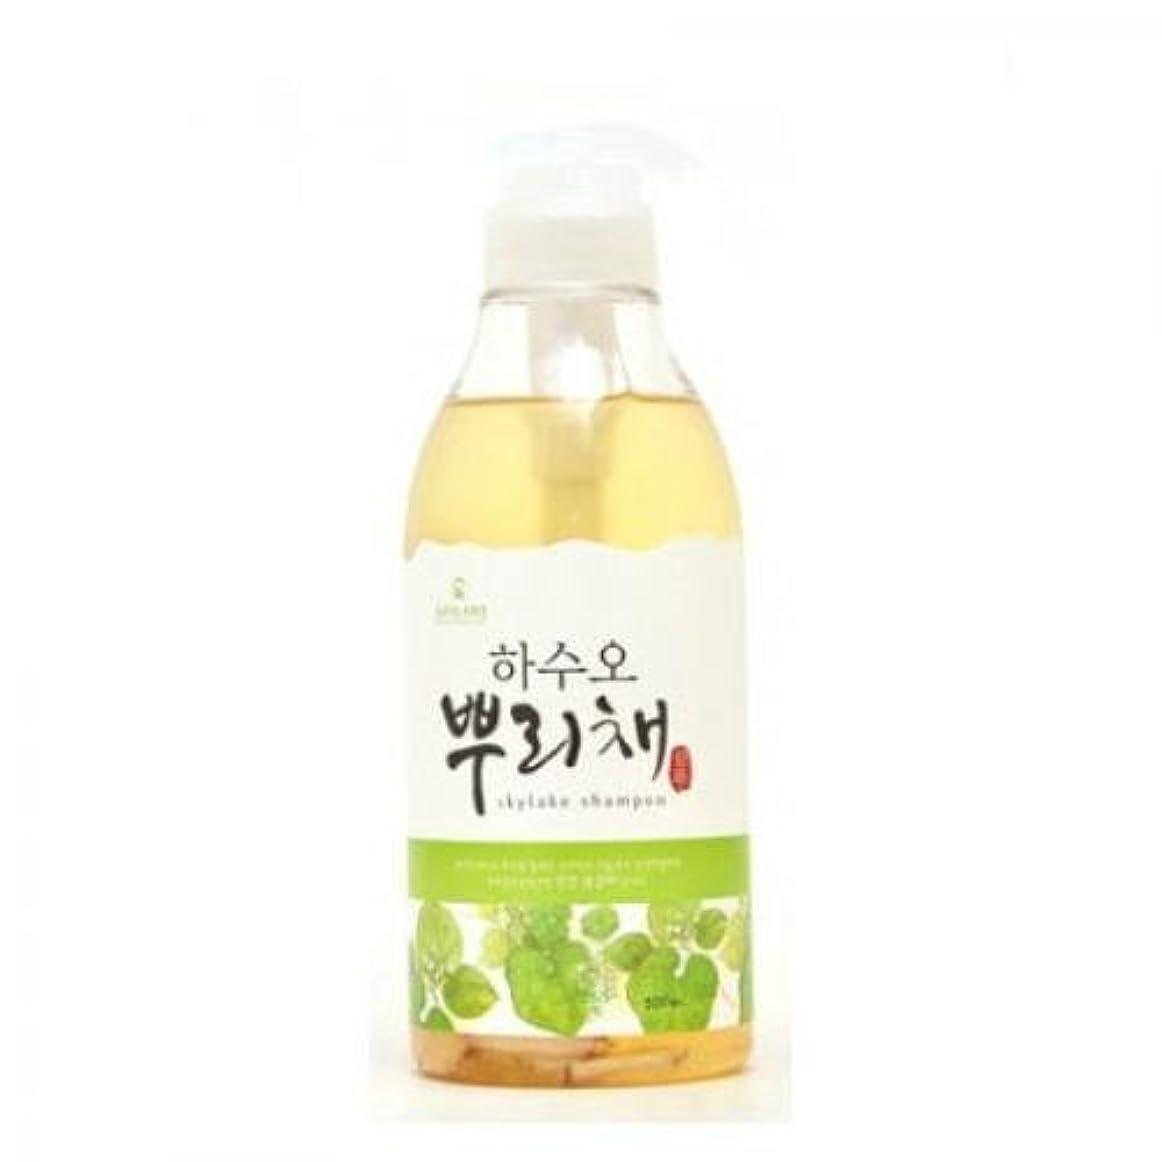 ブラウス実り多い派生するSkylake Oriental Herb Cool Shampoo (Korean original)